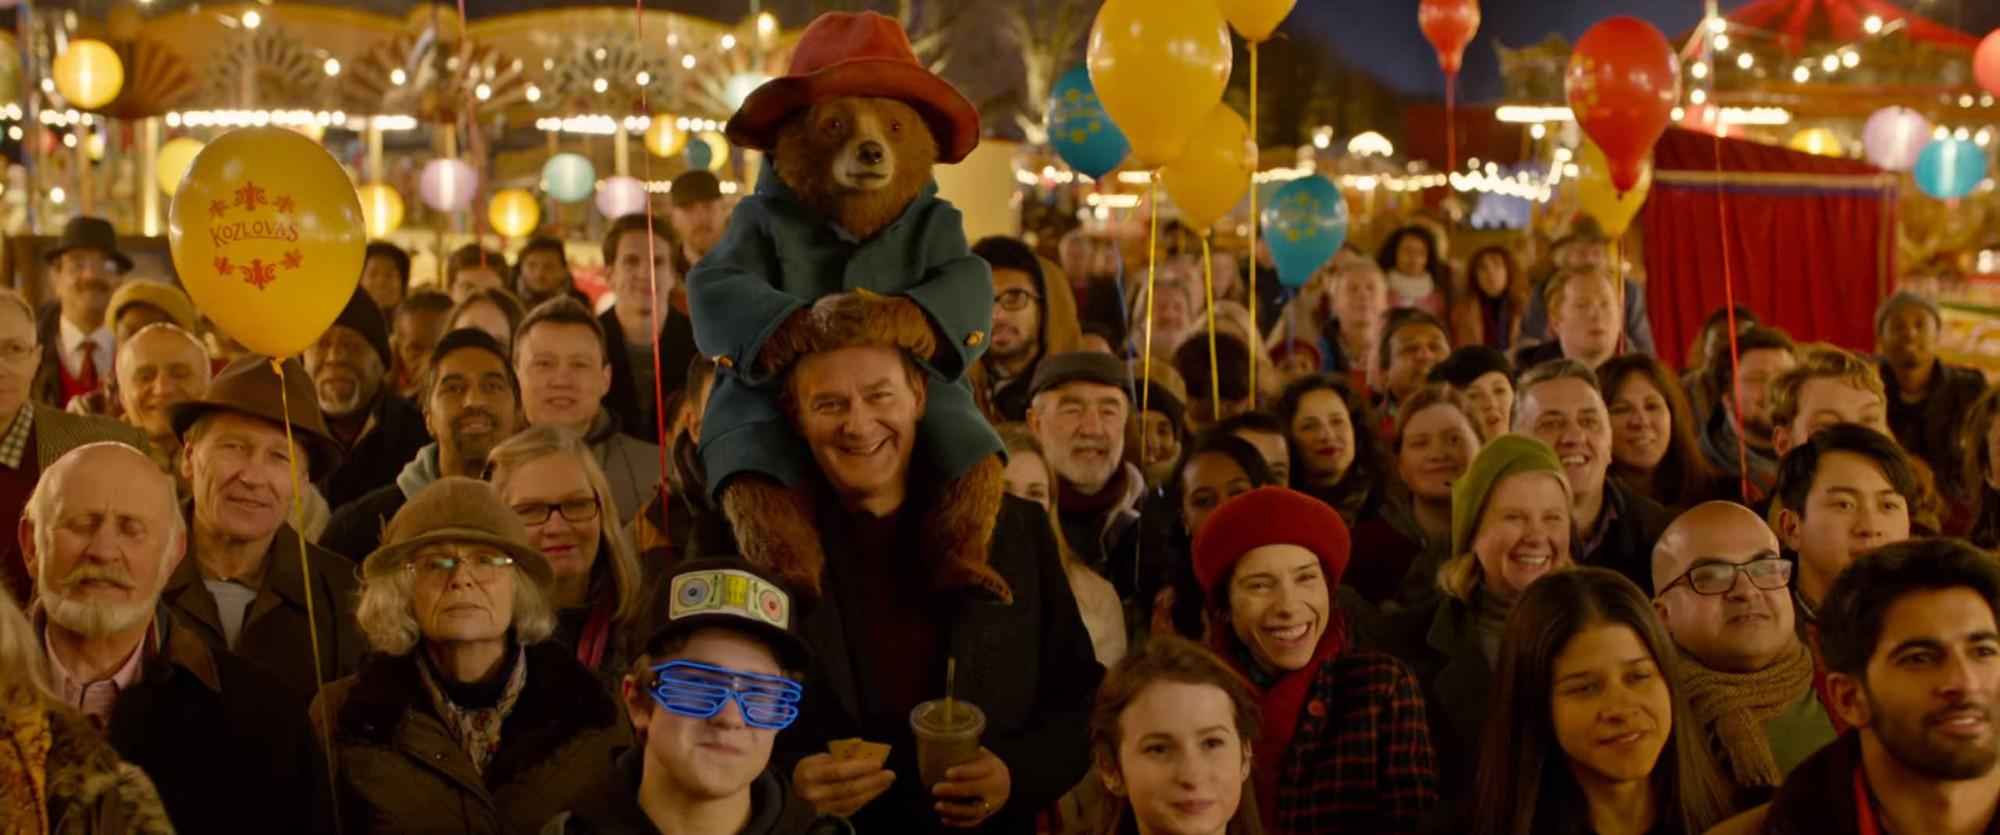 Paddington 2: Câu chuyện về chú gấu tử tế nhất thế gian - Ảnh 2.